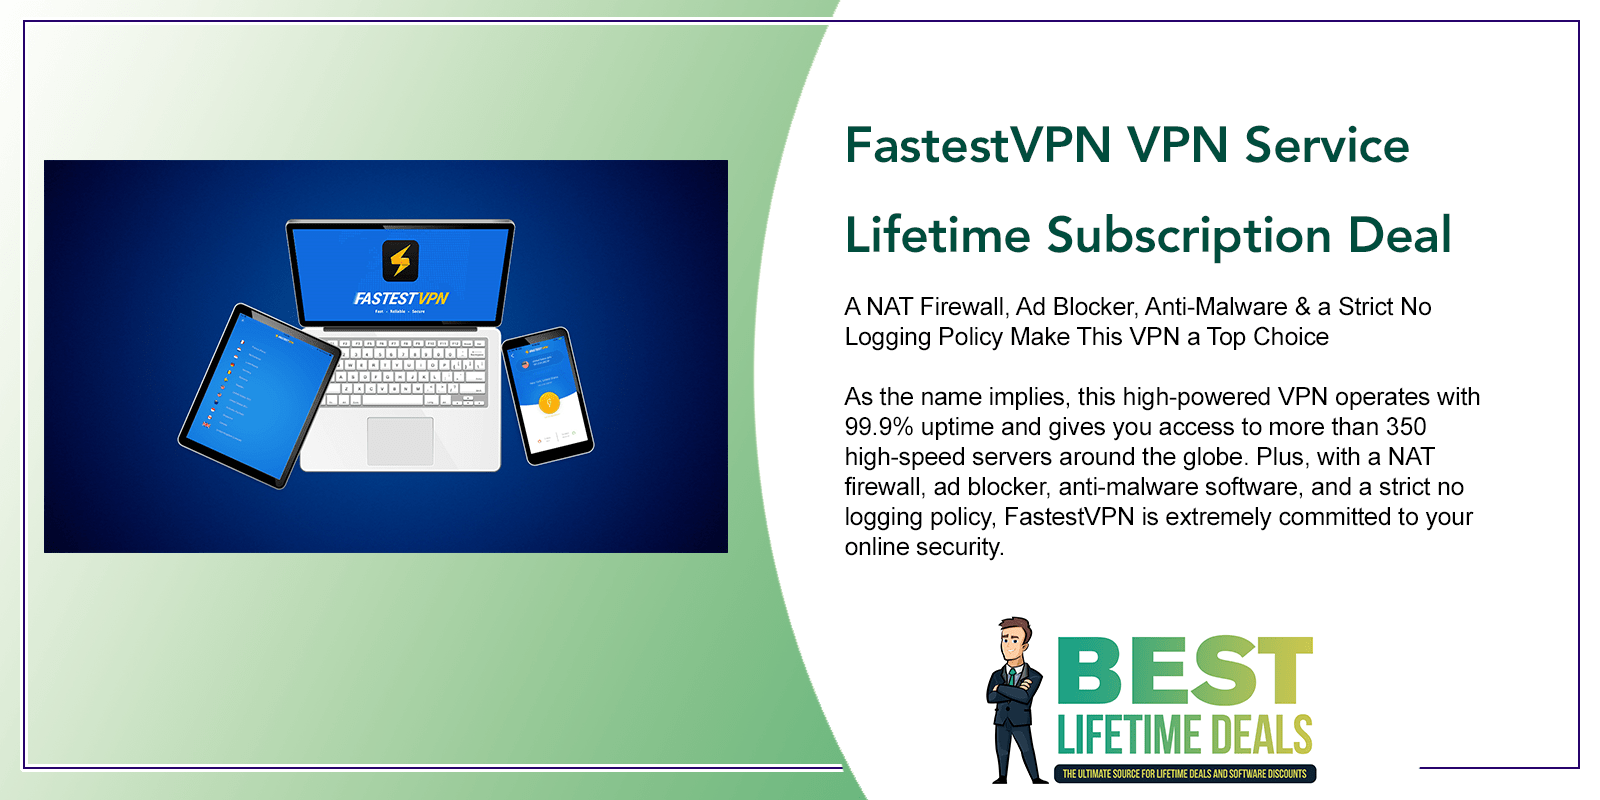 FastestVPN VPN Service Featured Image